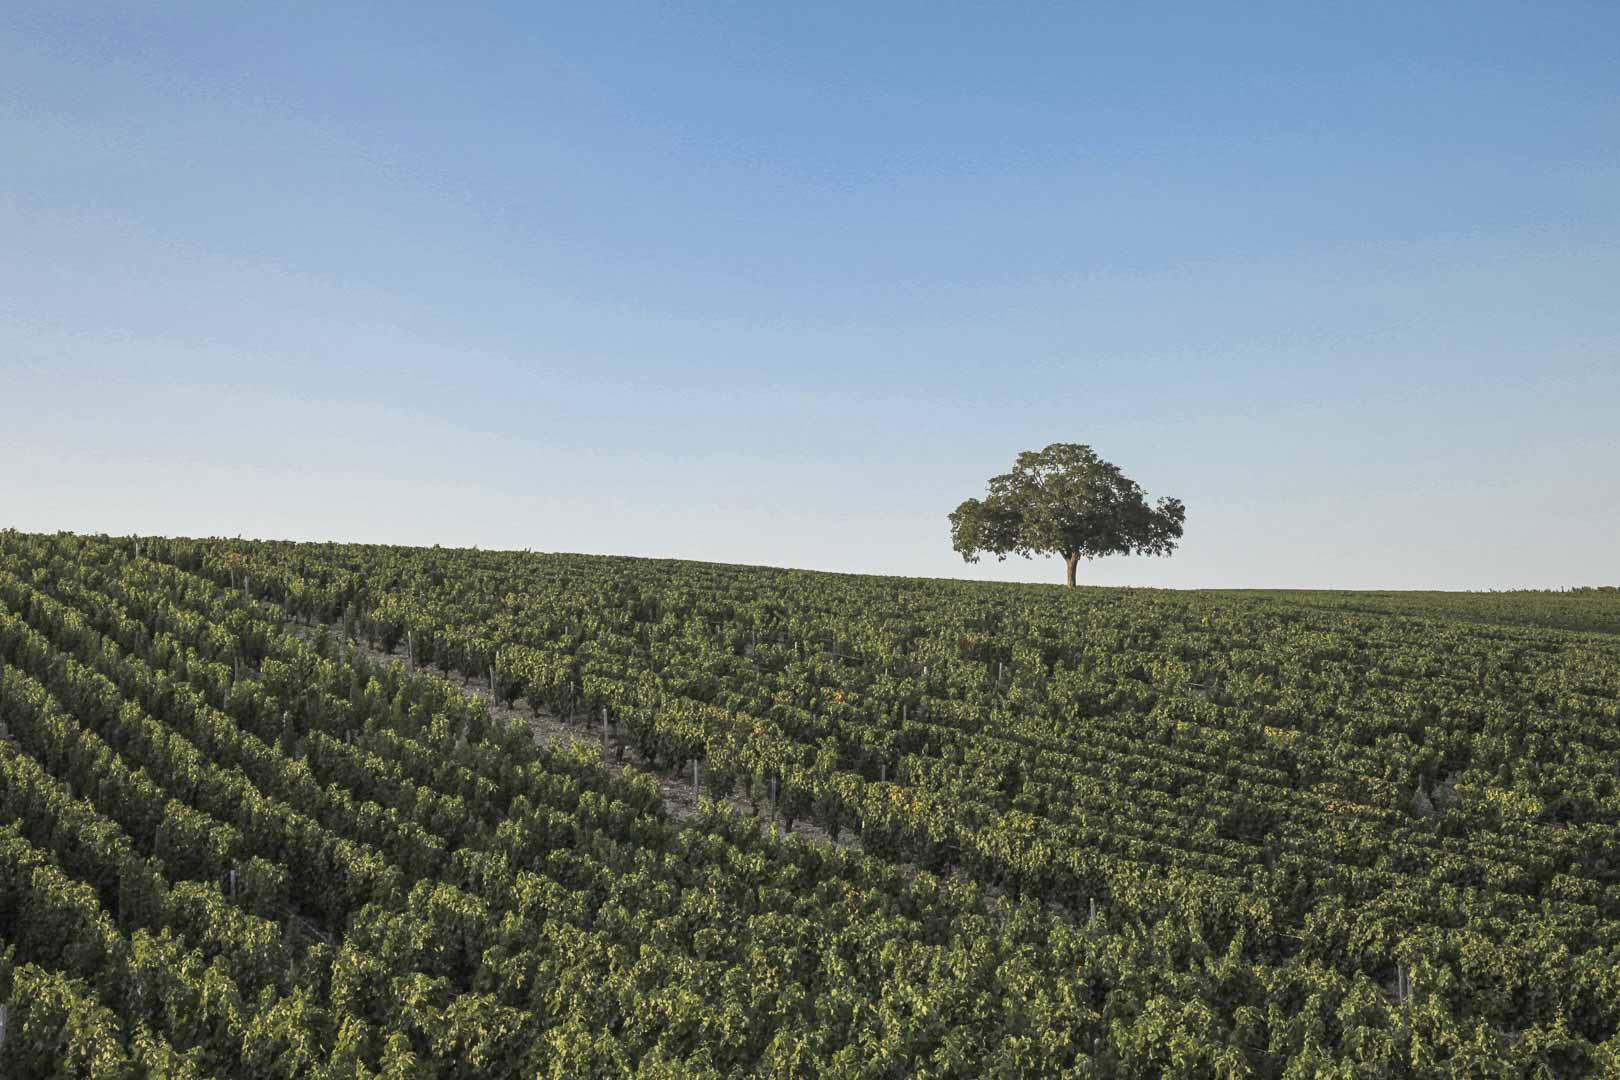 Berry ce trésor caché - Chateau de la Verrerie